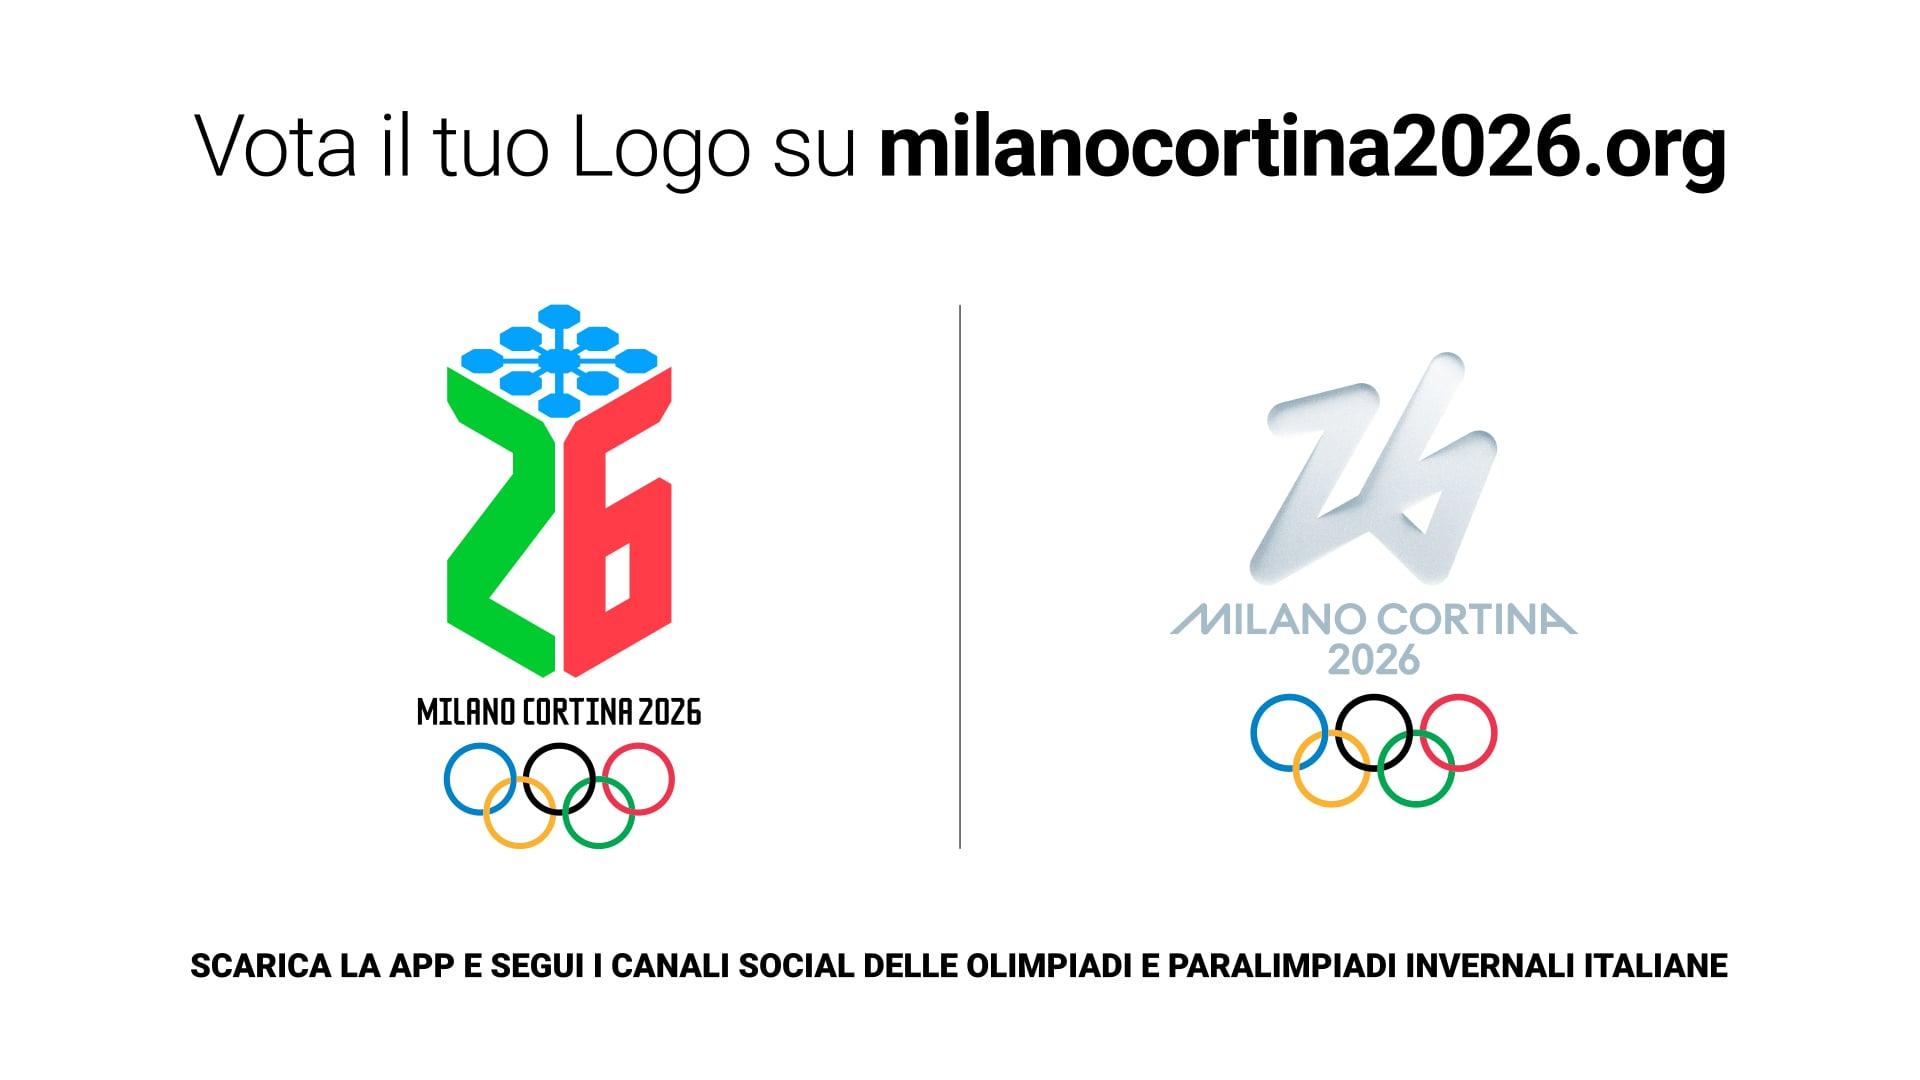 07.03.2021 - VOTA ORA: Entra nel mondo di Milano Cortina 2026